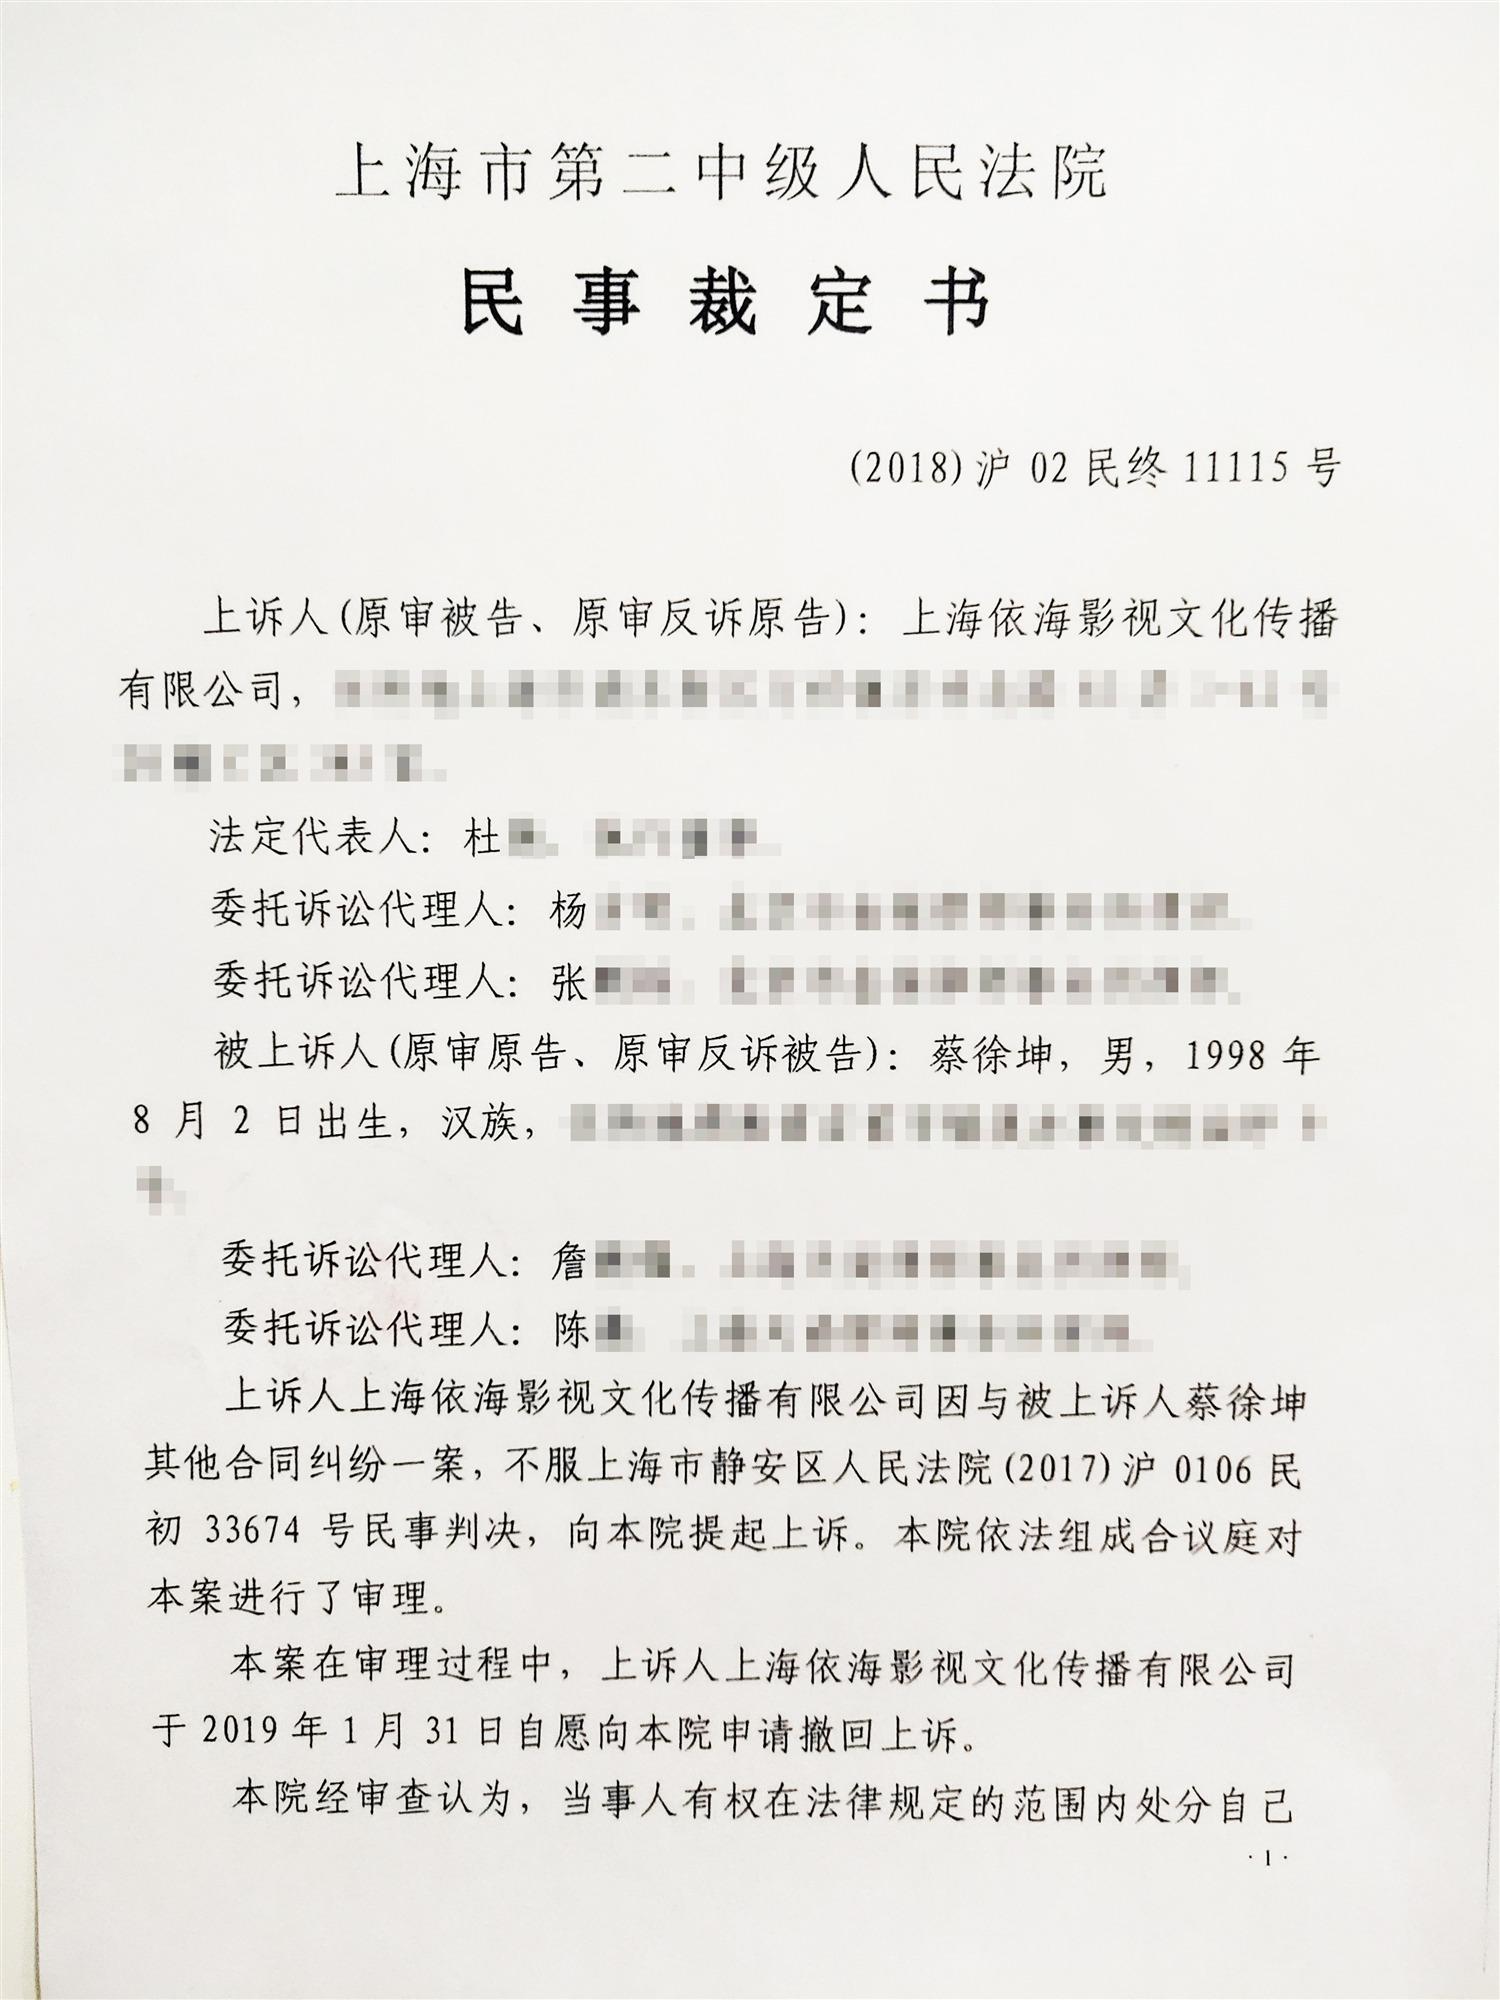 蔡徐坤合约案胜诉:判合约解除并驳回依海方诉求